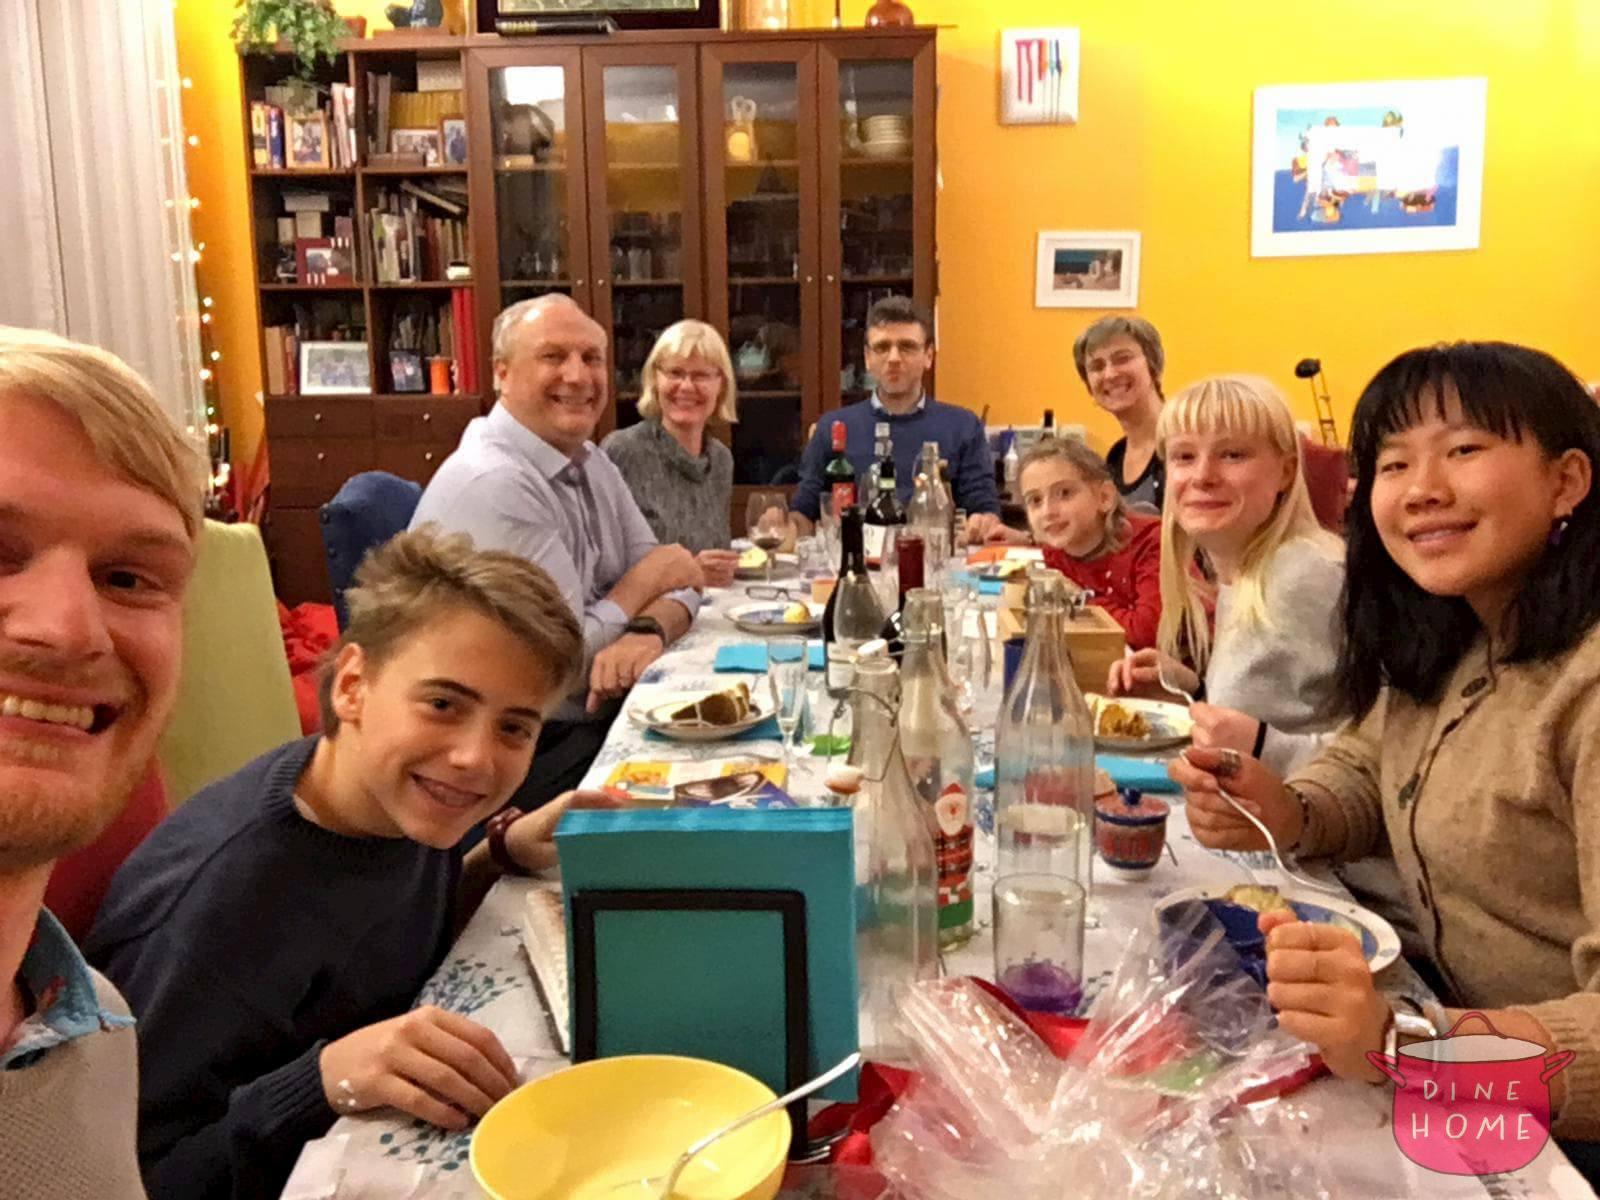 Lyle, studente dall'Australia, a cena dalla sua famiglia Dinehome.